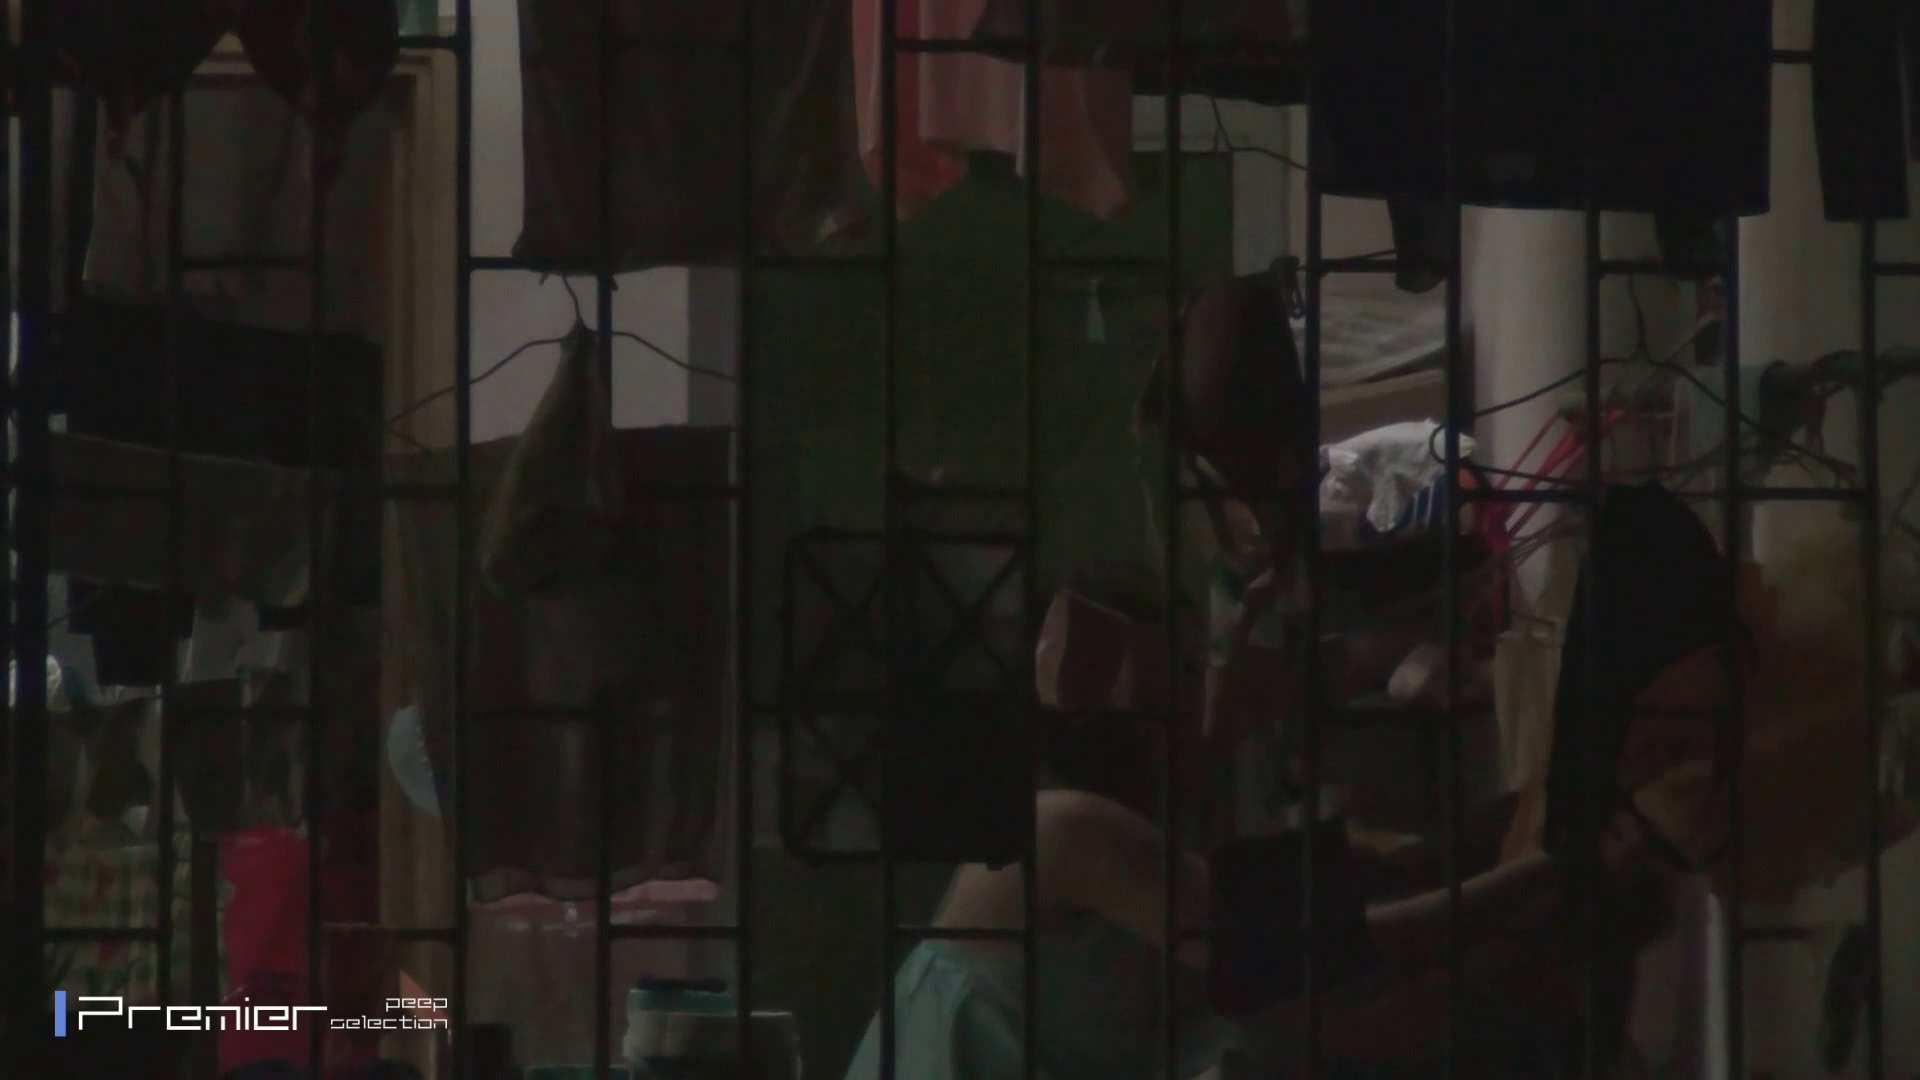 美女の痴態に密着!洗濯物を干す女 Vol.07 美女H映像 | 洗面所  29画像 6